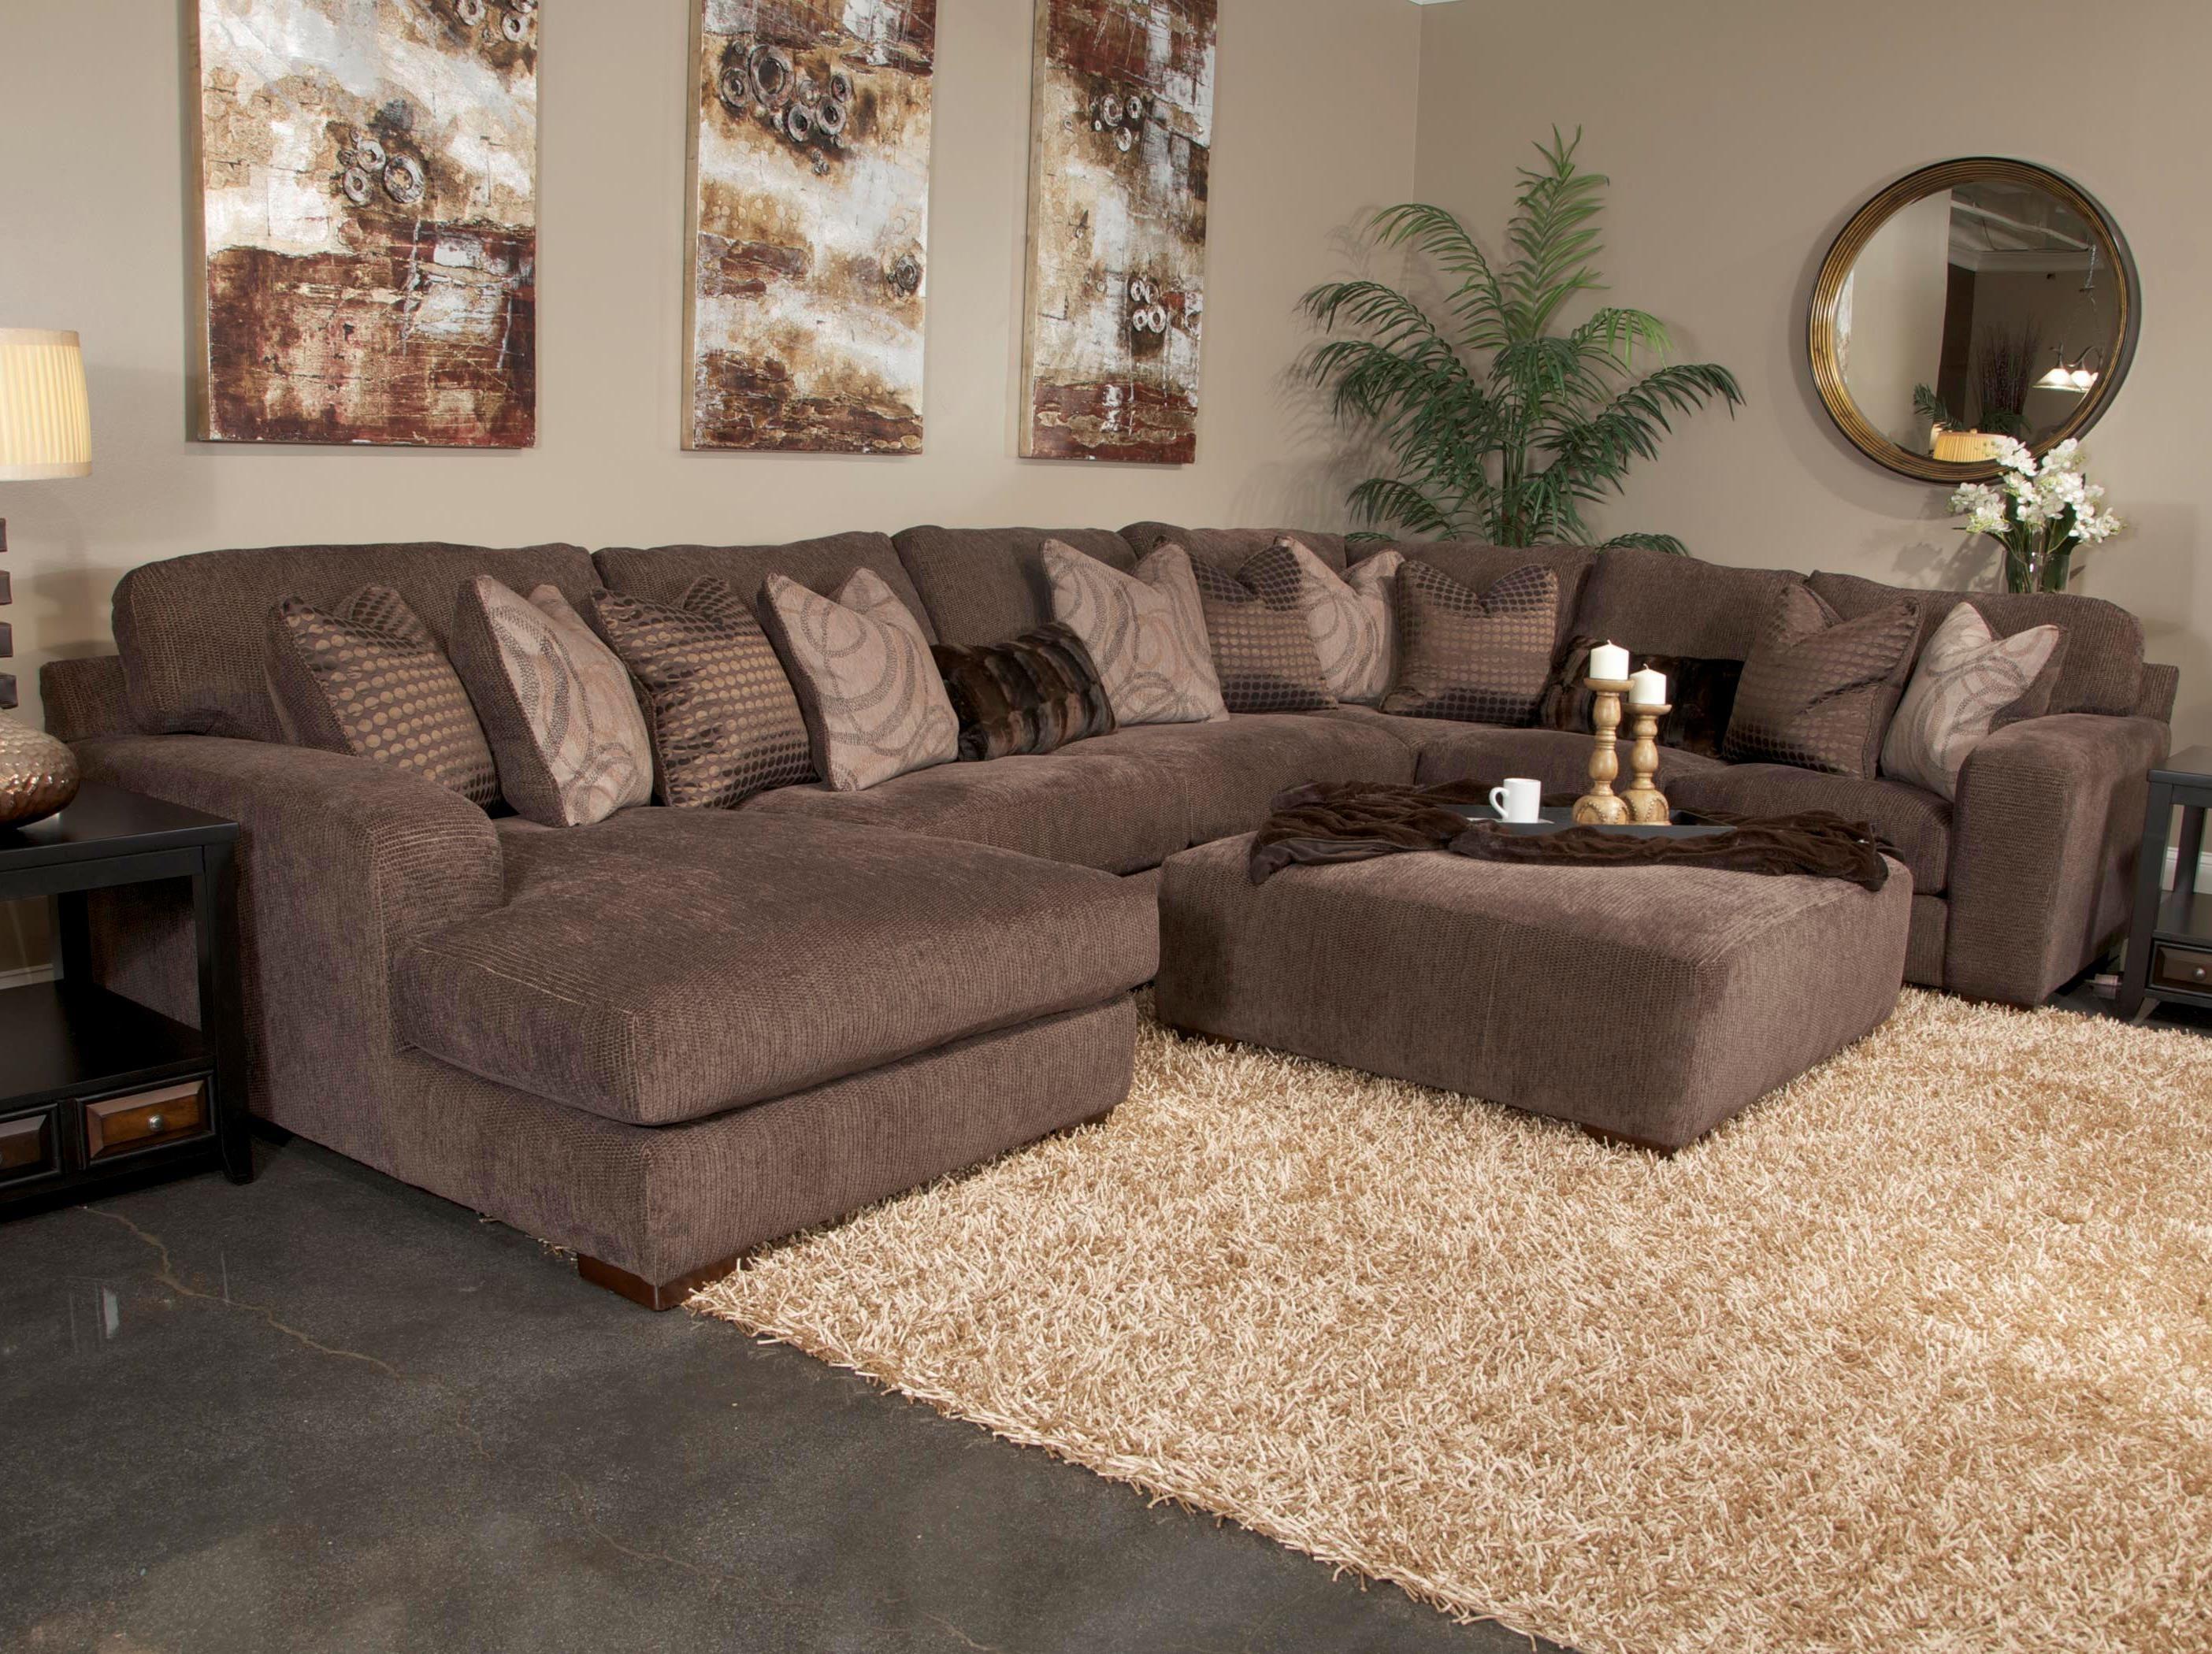 New Big Lots Sectional Sofa (34 Photos) | Clubanfi Regarding Gardiners Sectional Sofas (Image 6 of 10)